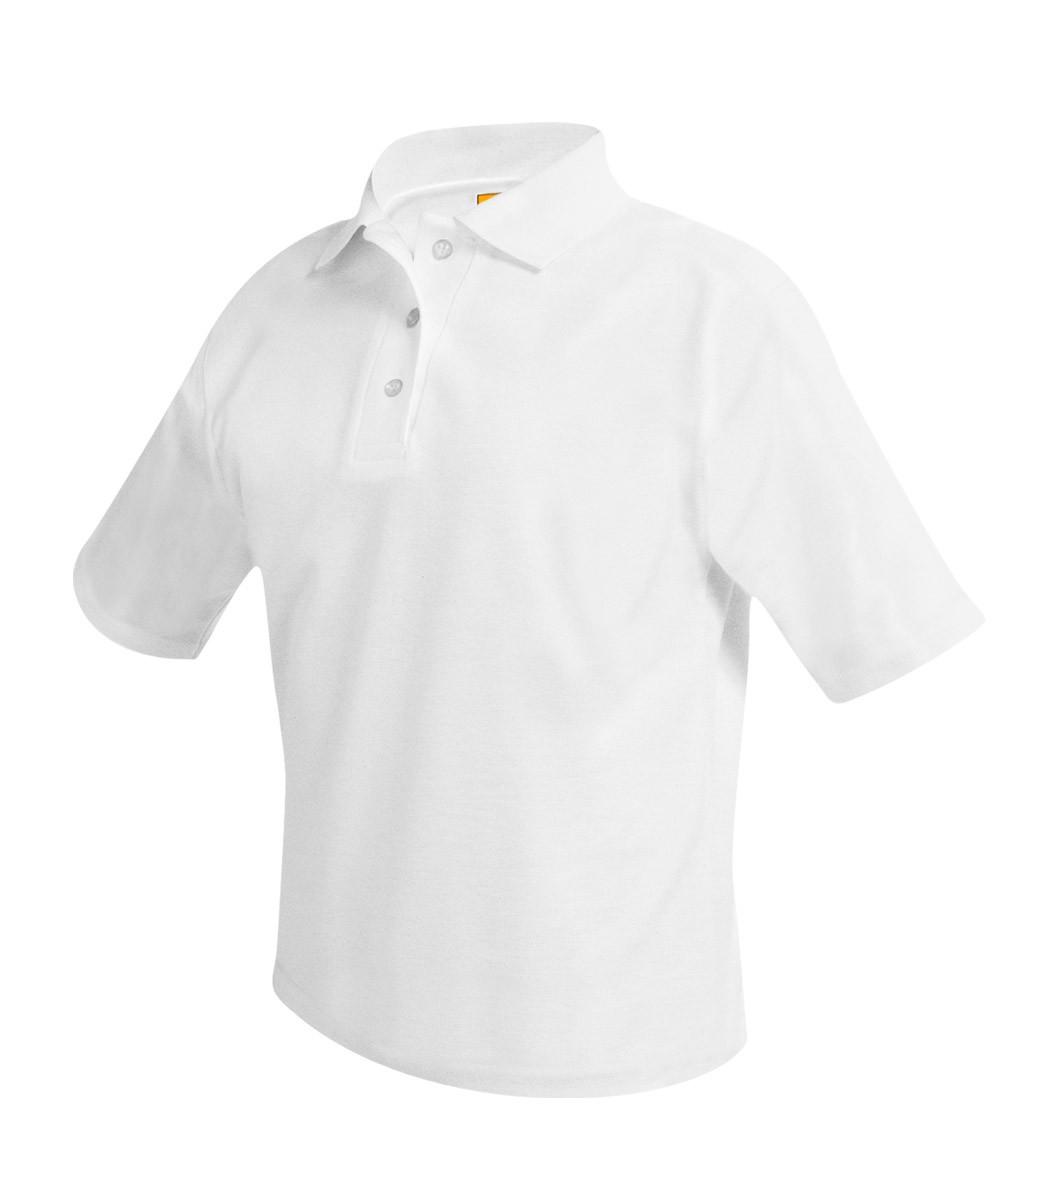 SPS Girls' White S/S Polo w/ Logo